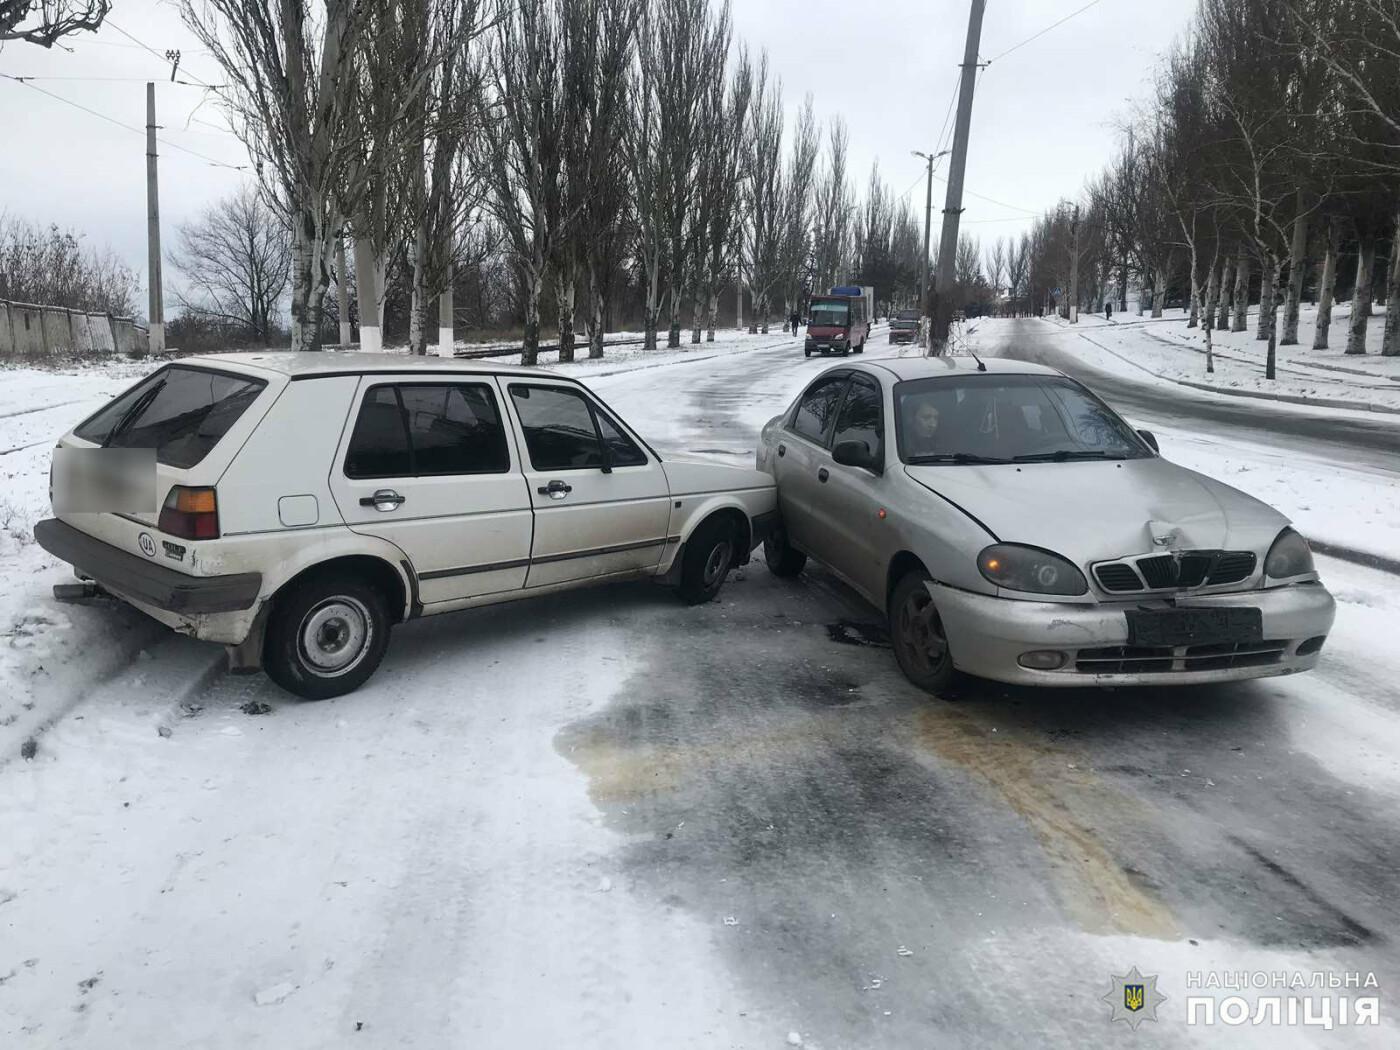 Итог первого снежного дня в Дружковке - три ДТП, фото-3